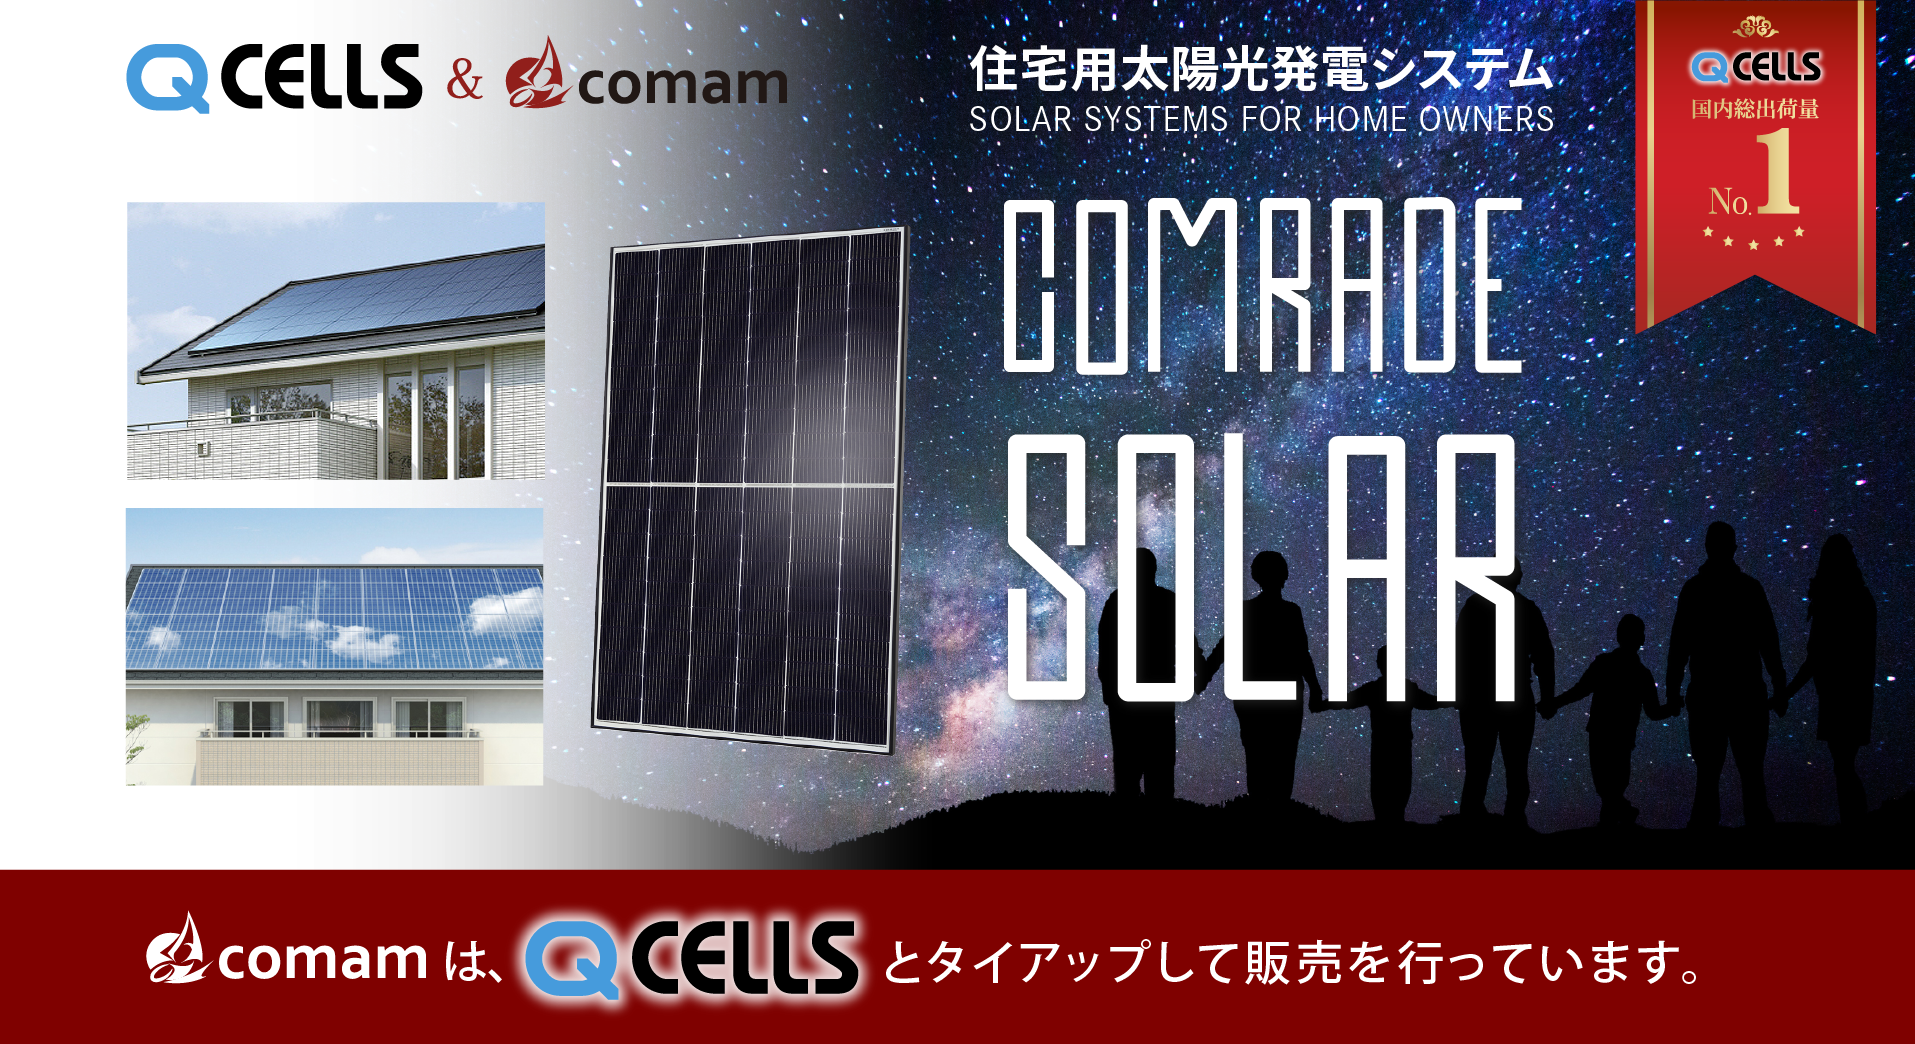 Qセルズとcomamのコラボ太陽光